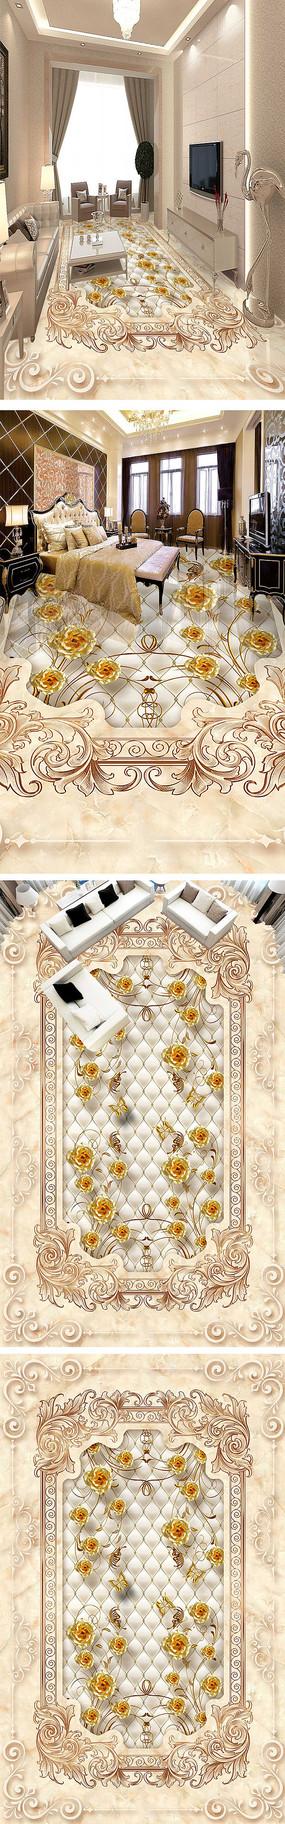 大理石艺术瓷砖拼花地砖地板